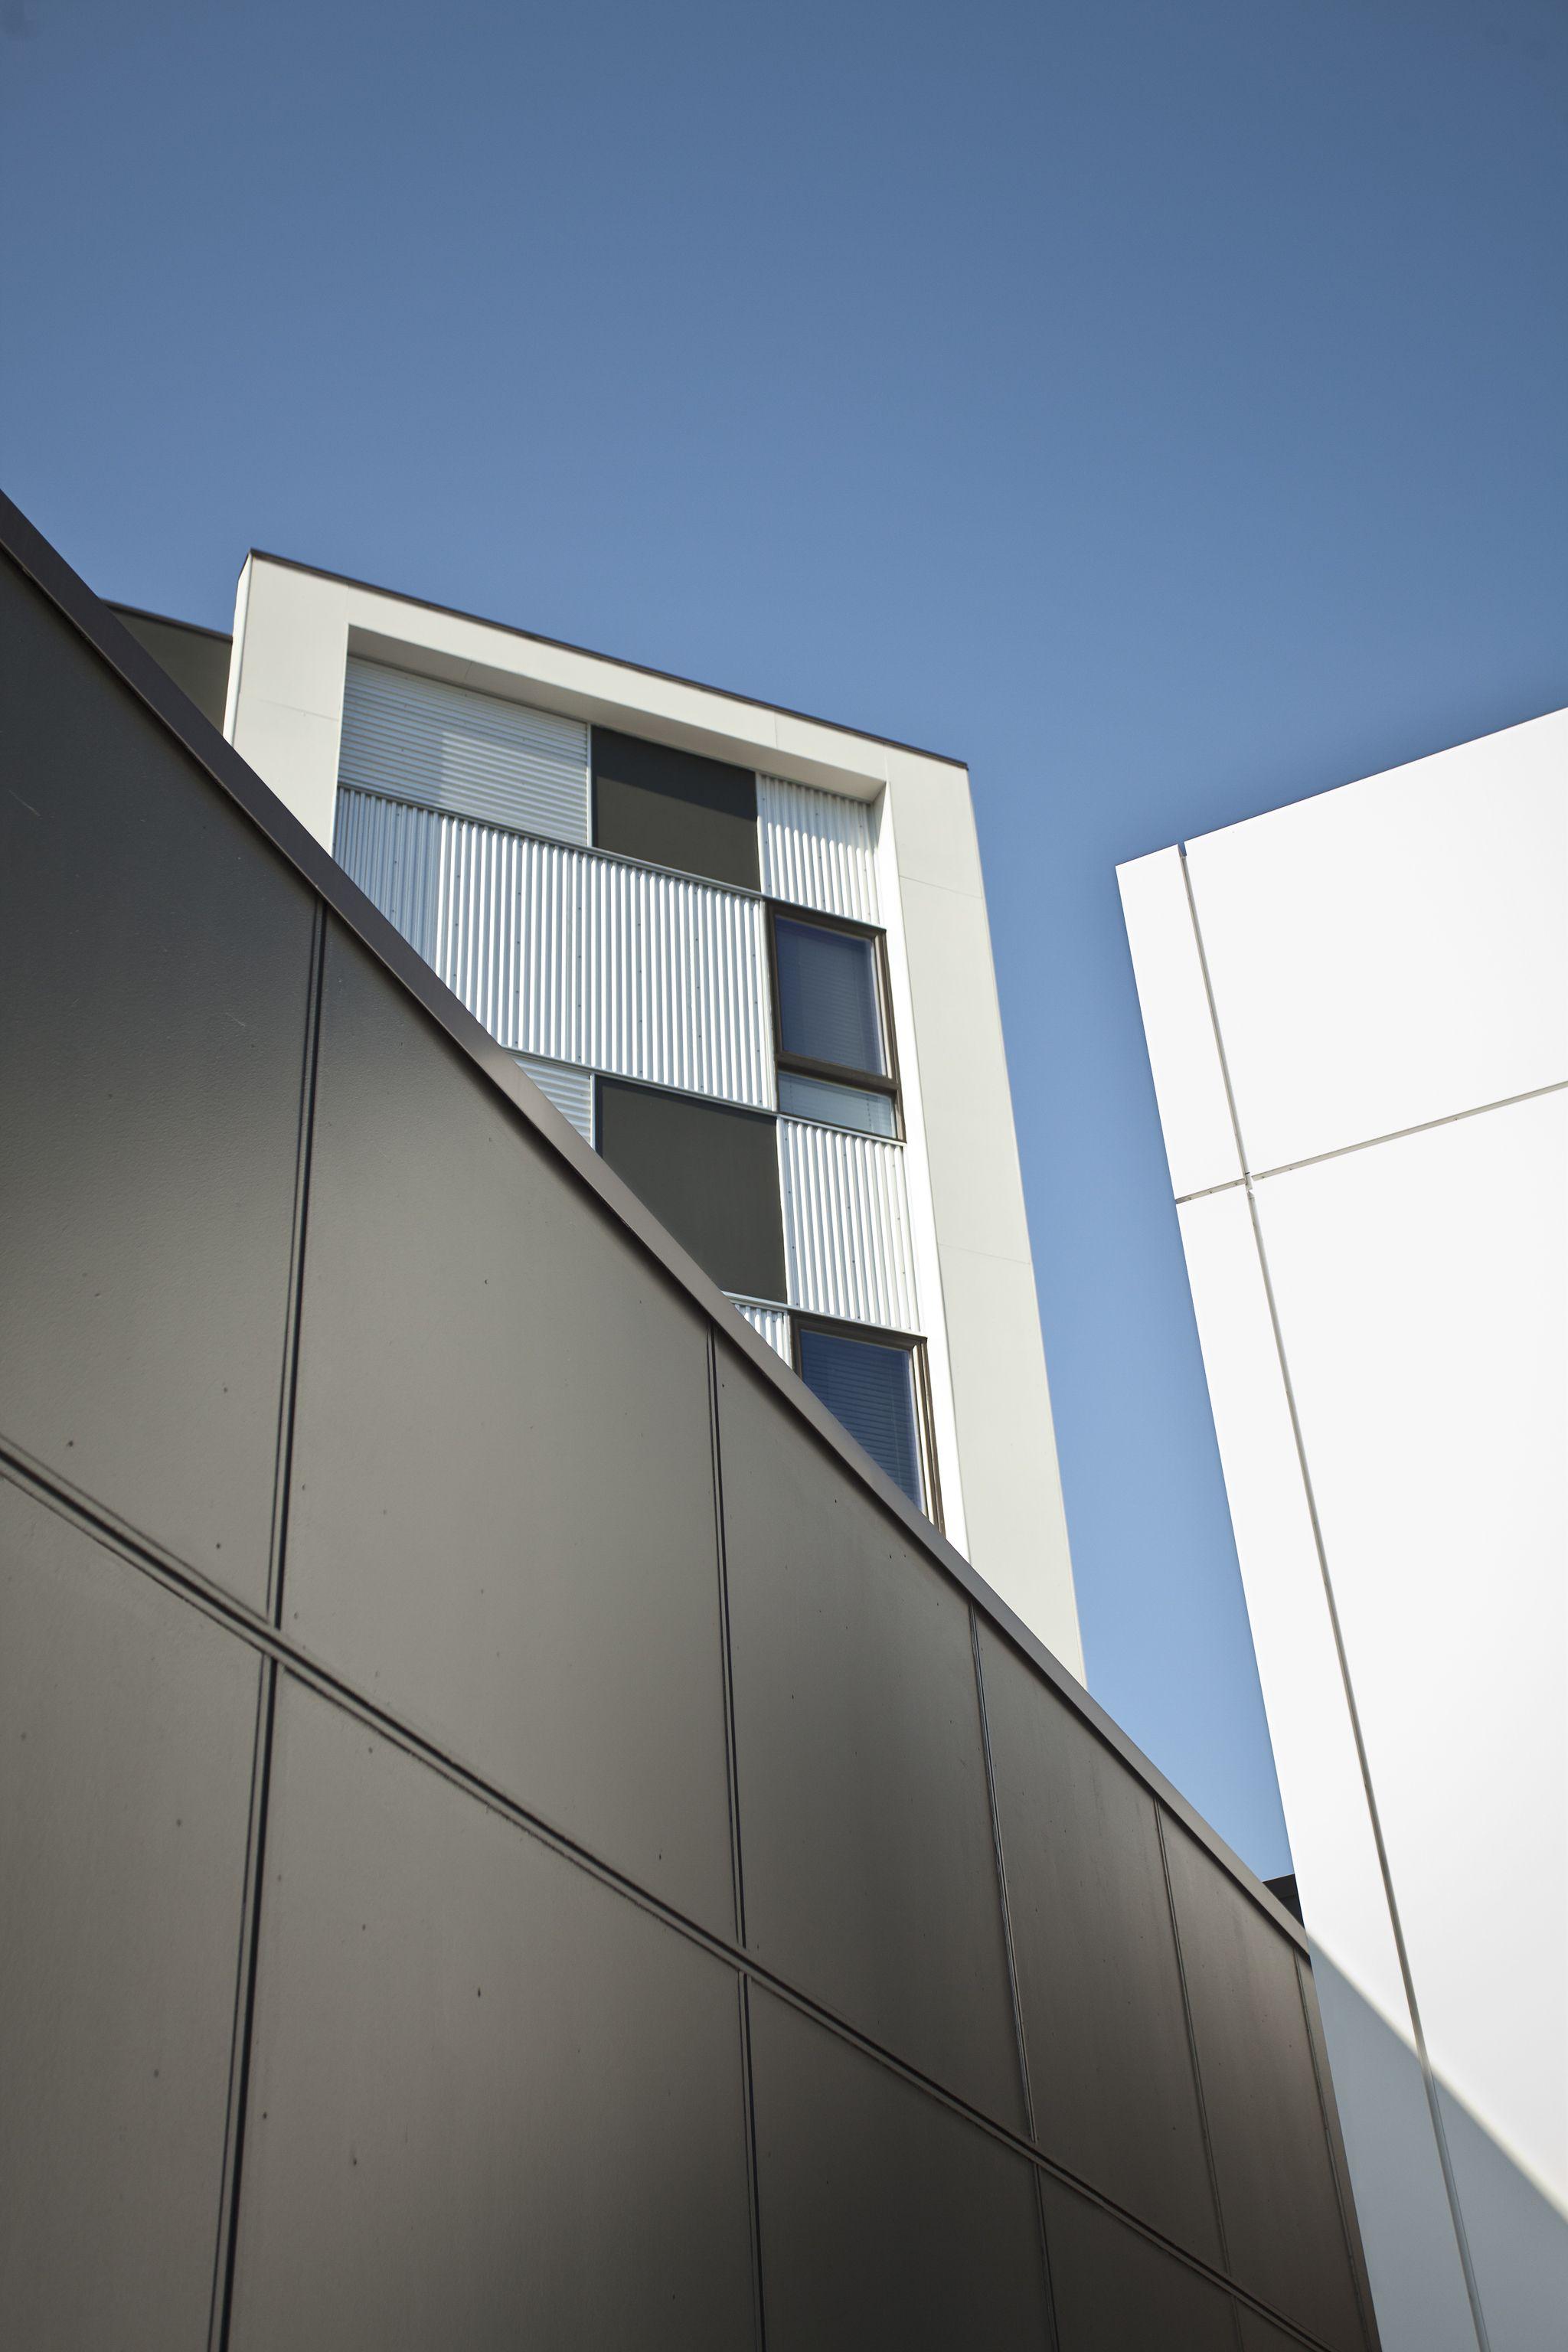 Allura Architect Panels Allura Usa Architecture Architect Minimalism Modern Contemporary Design Fiber Cement Siding Concrete Siding Fiber Cement